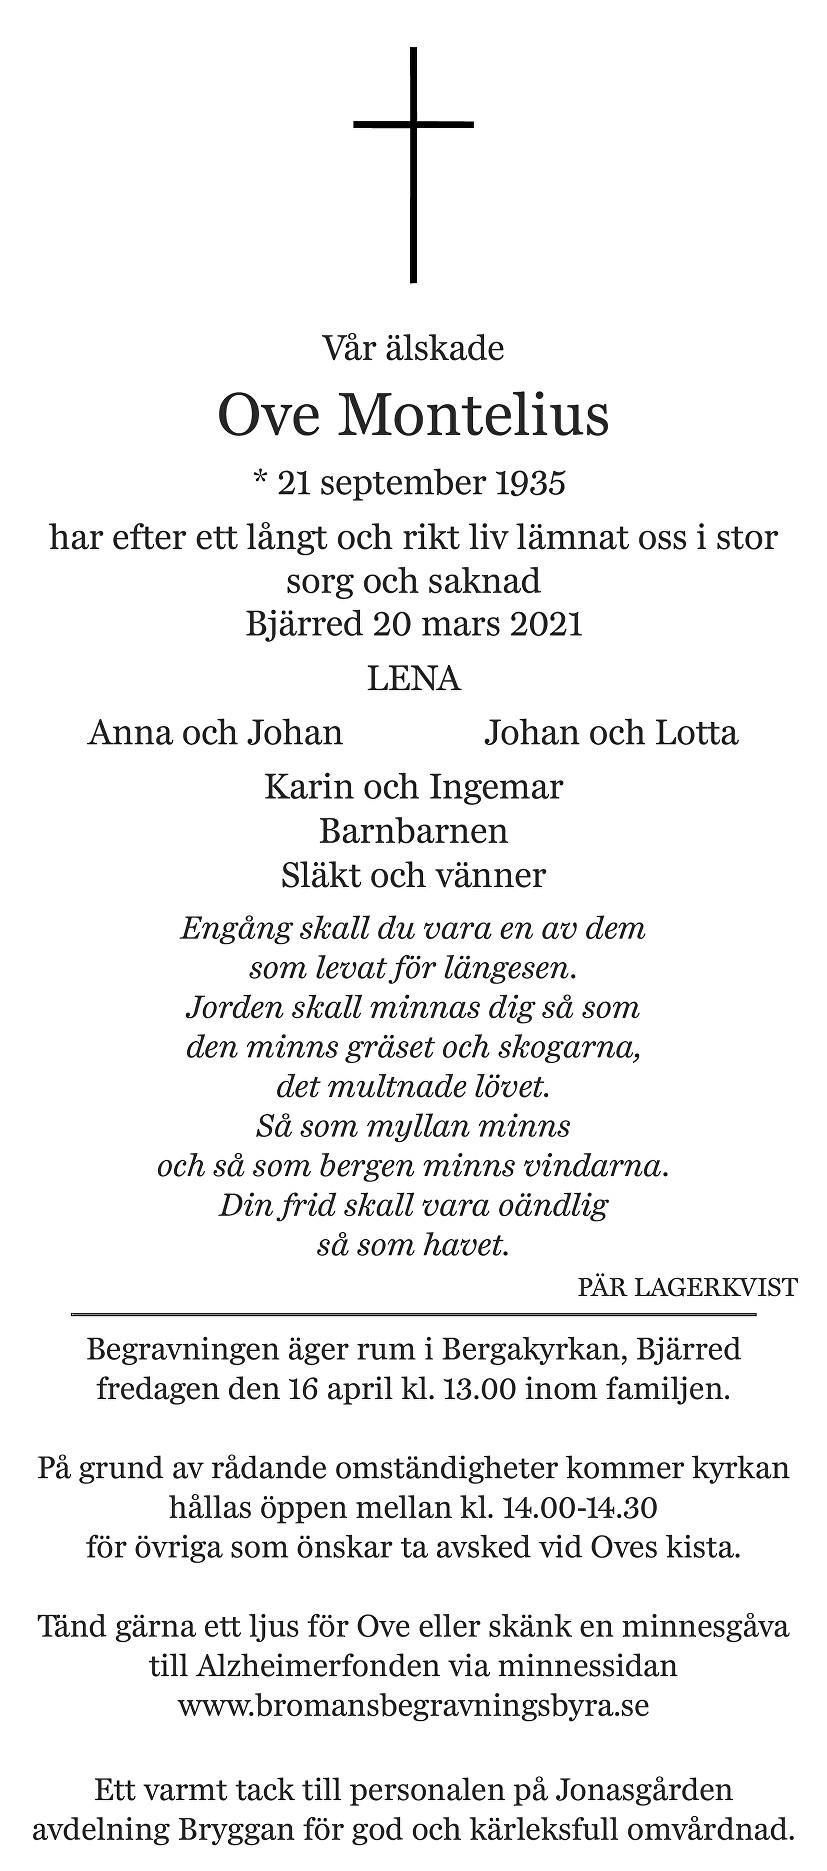 Ove Montelius Death notice